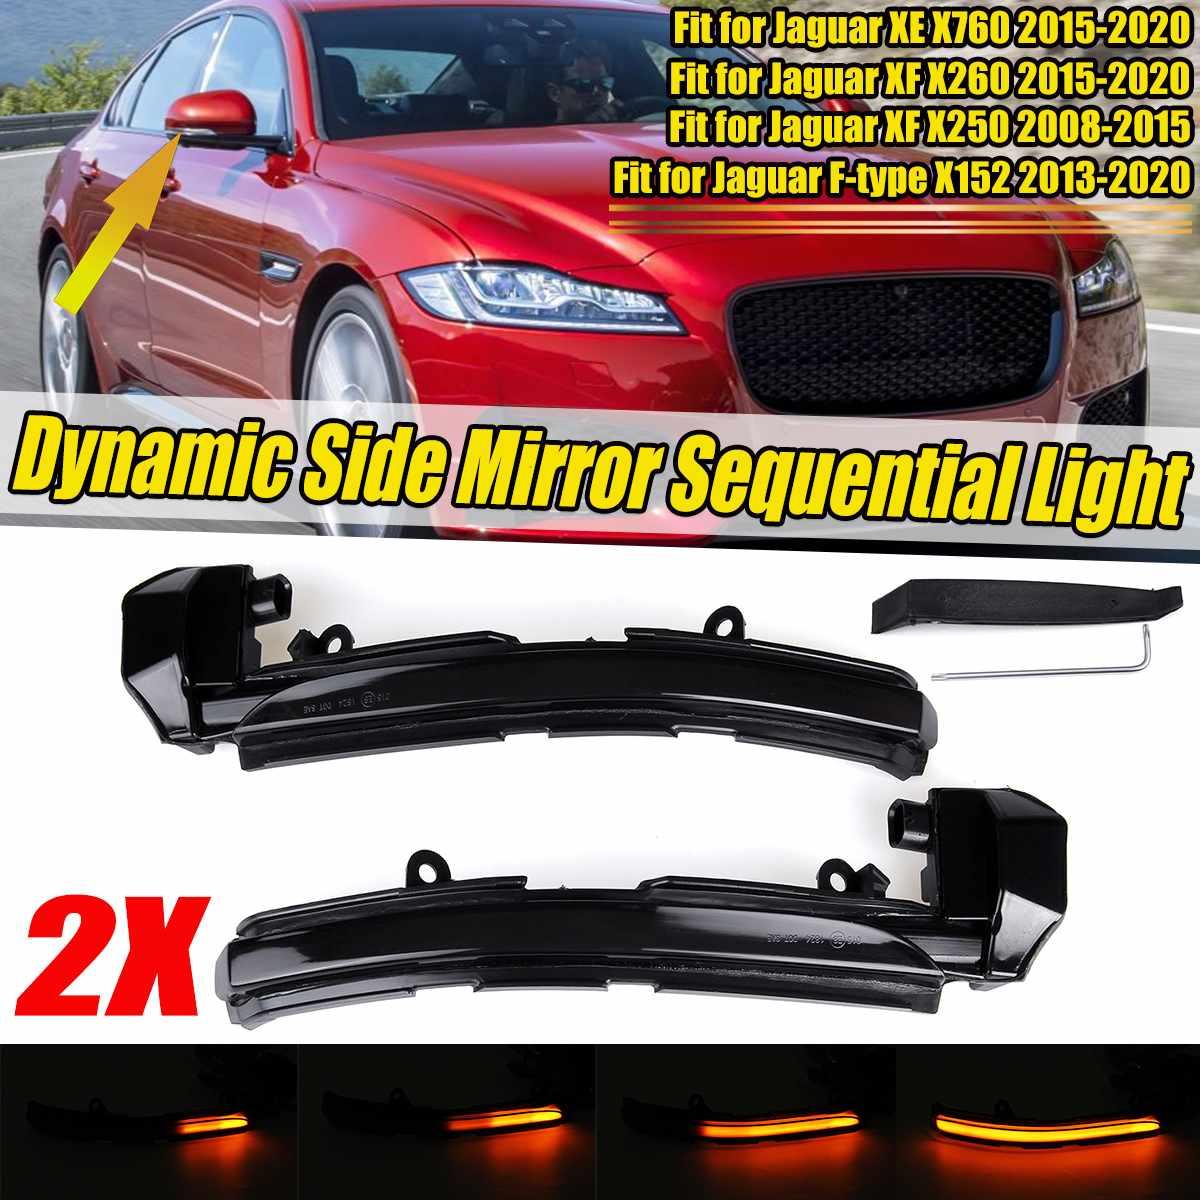 Par led dinâmico lado espelho retrovisor luz indicadora transformar luzes de sinalização lâmpada para jaguar xe xf xj F-TYPE xkr ipace x250 x260